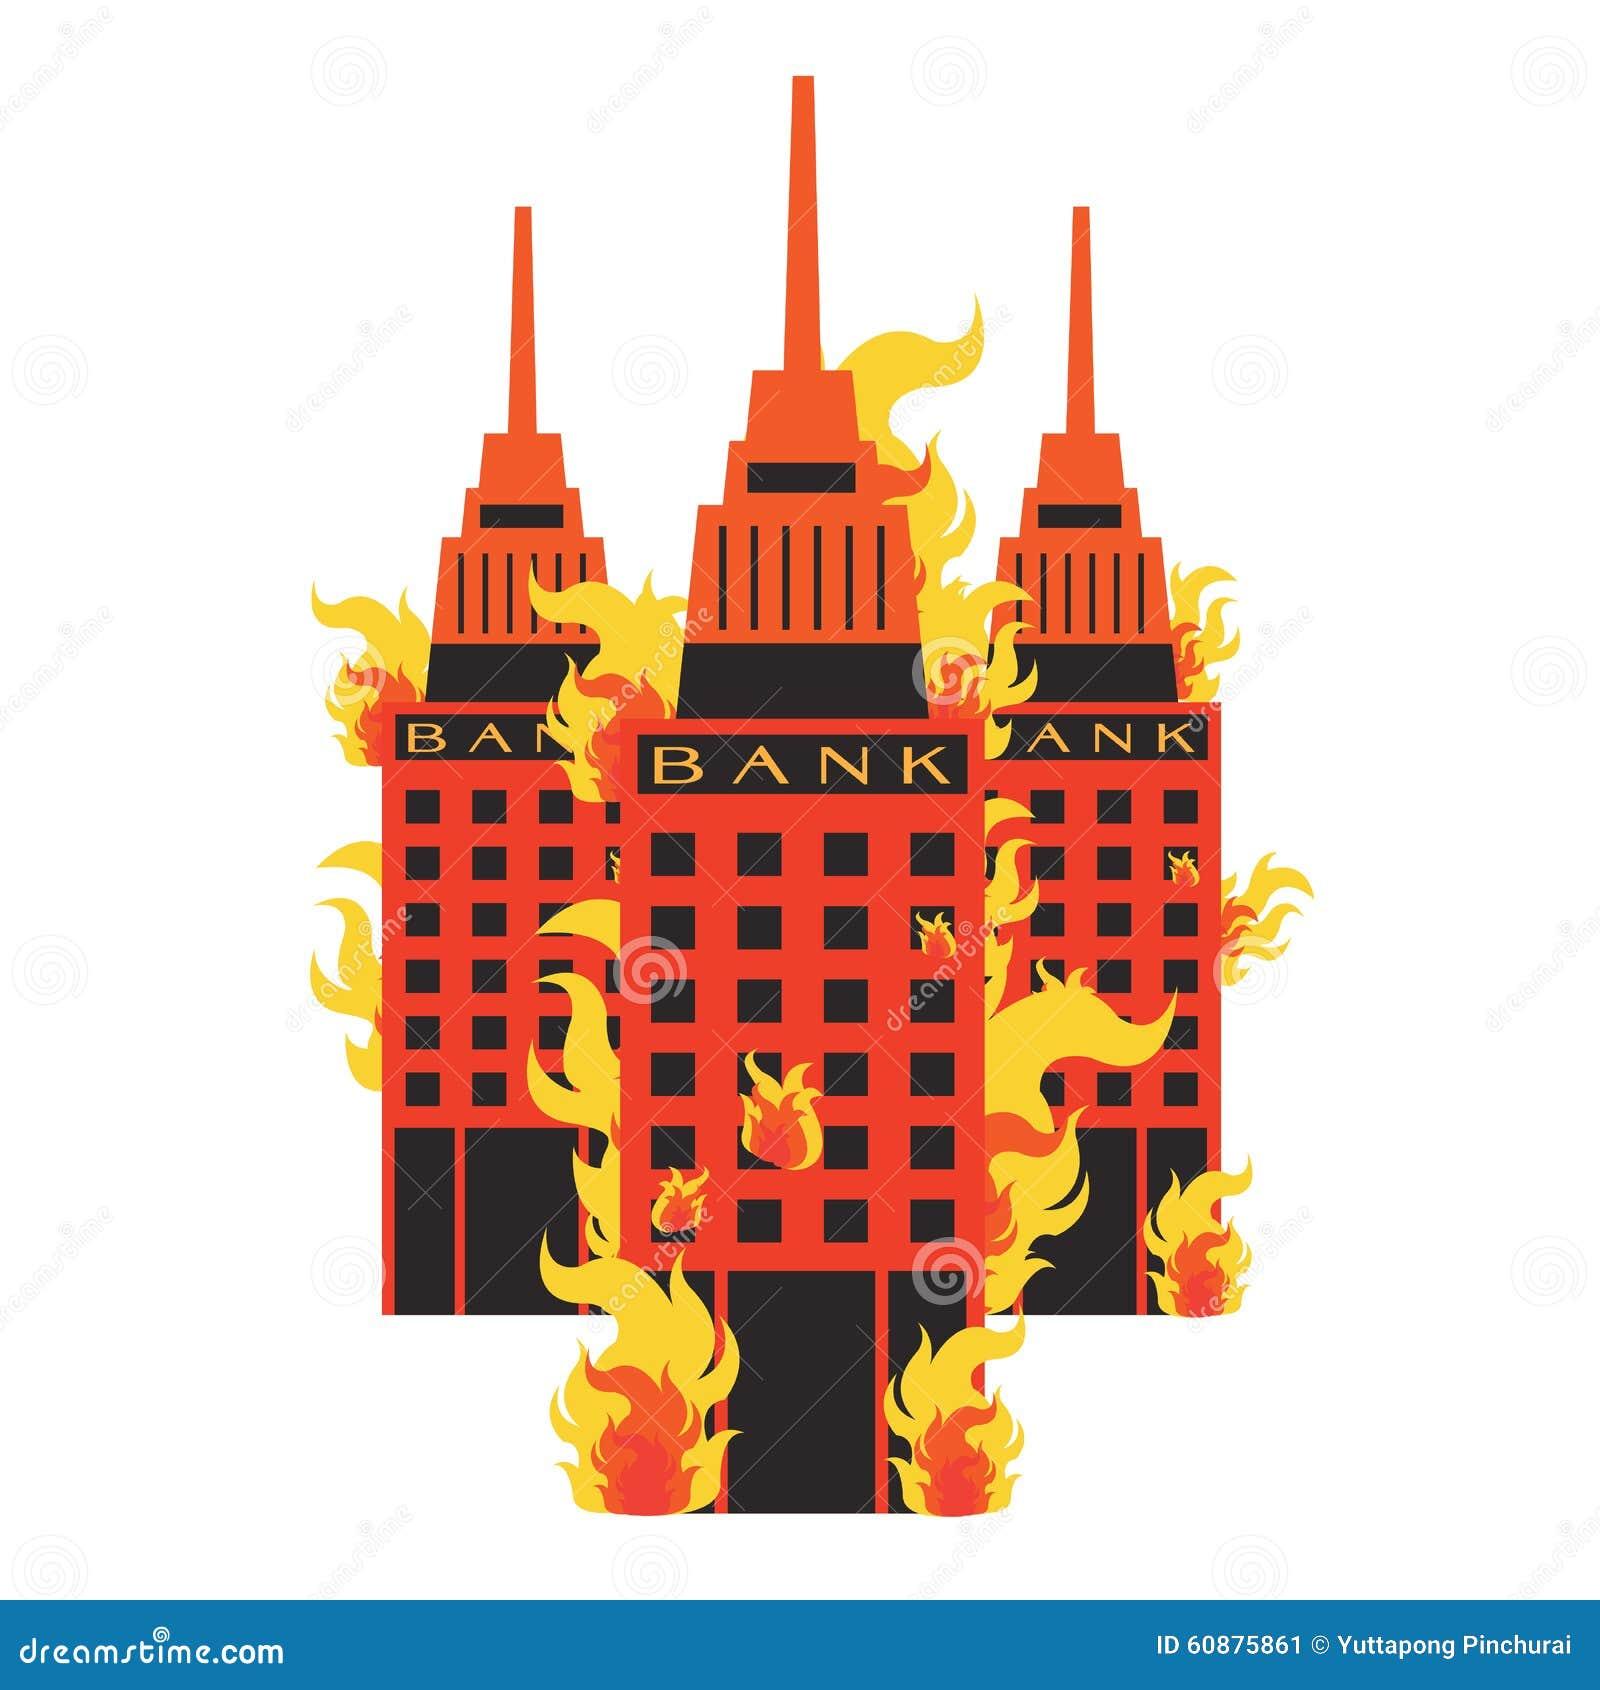 vector set bank fire break corruption leak corrupt on. Black Bedroom Furniture Sets. Home Design Ideas